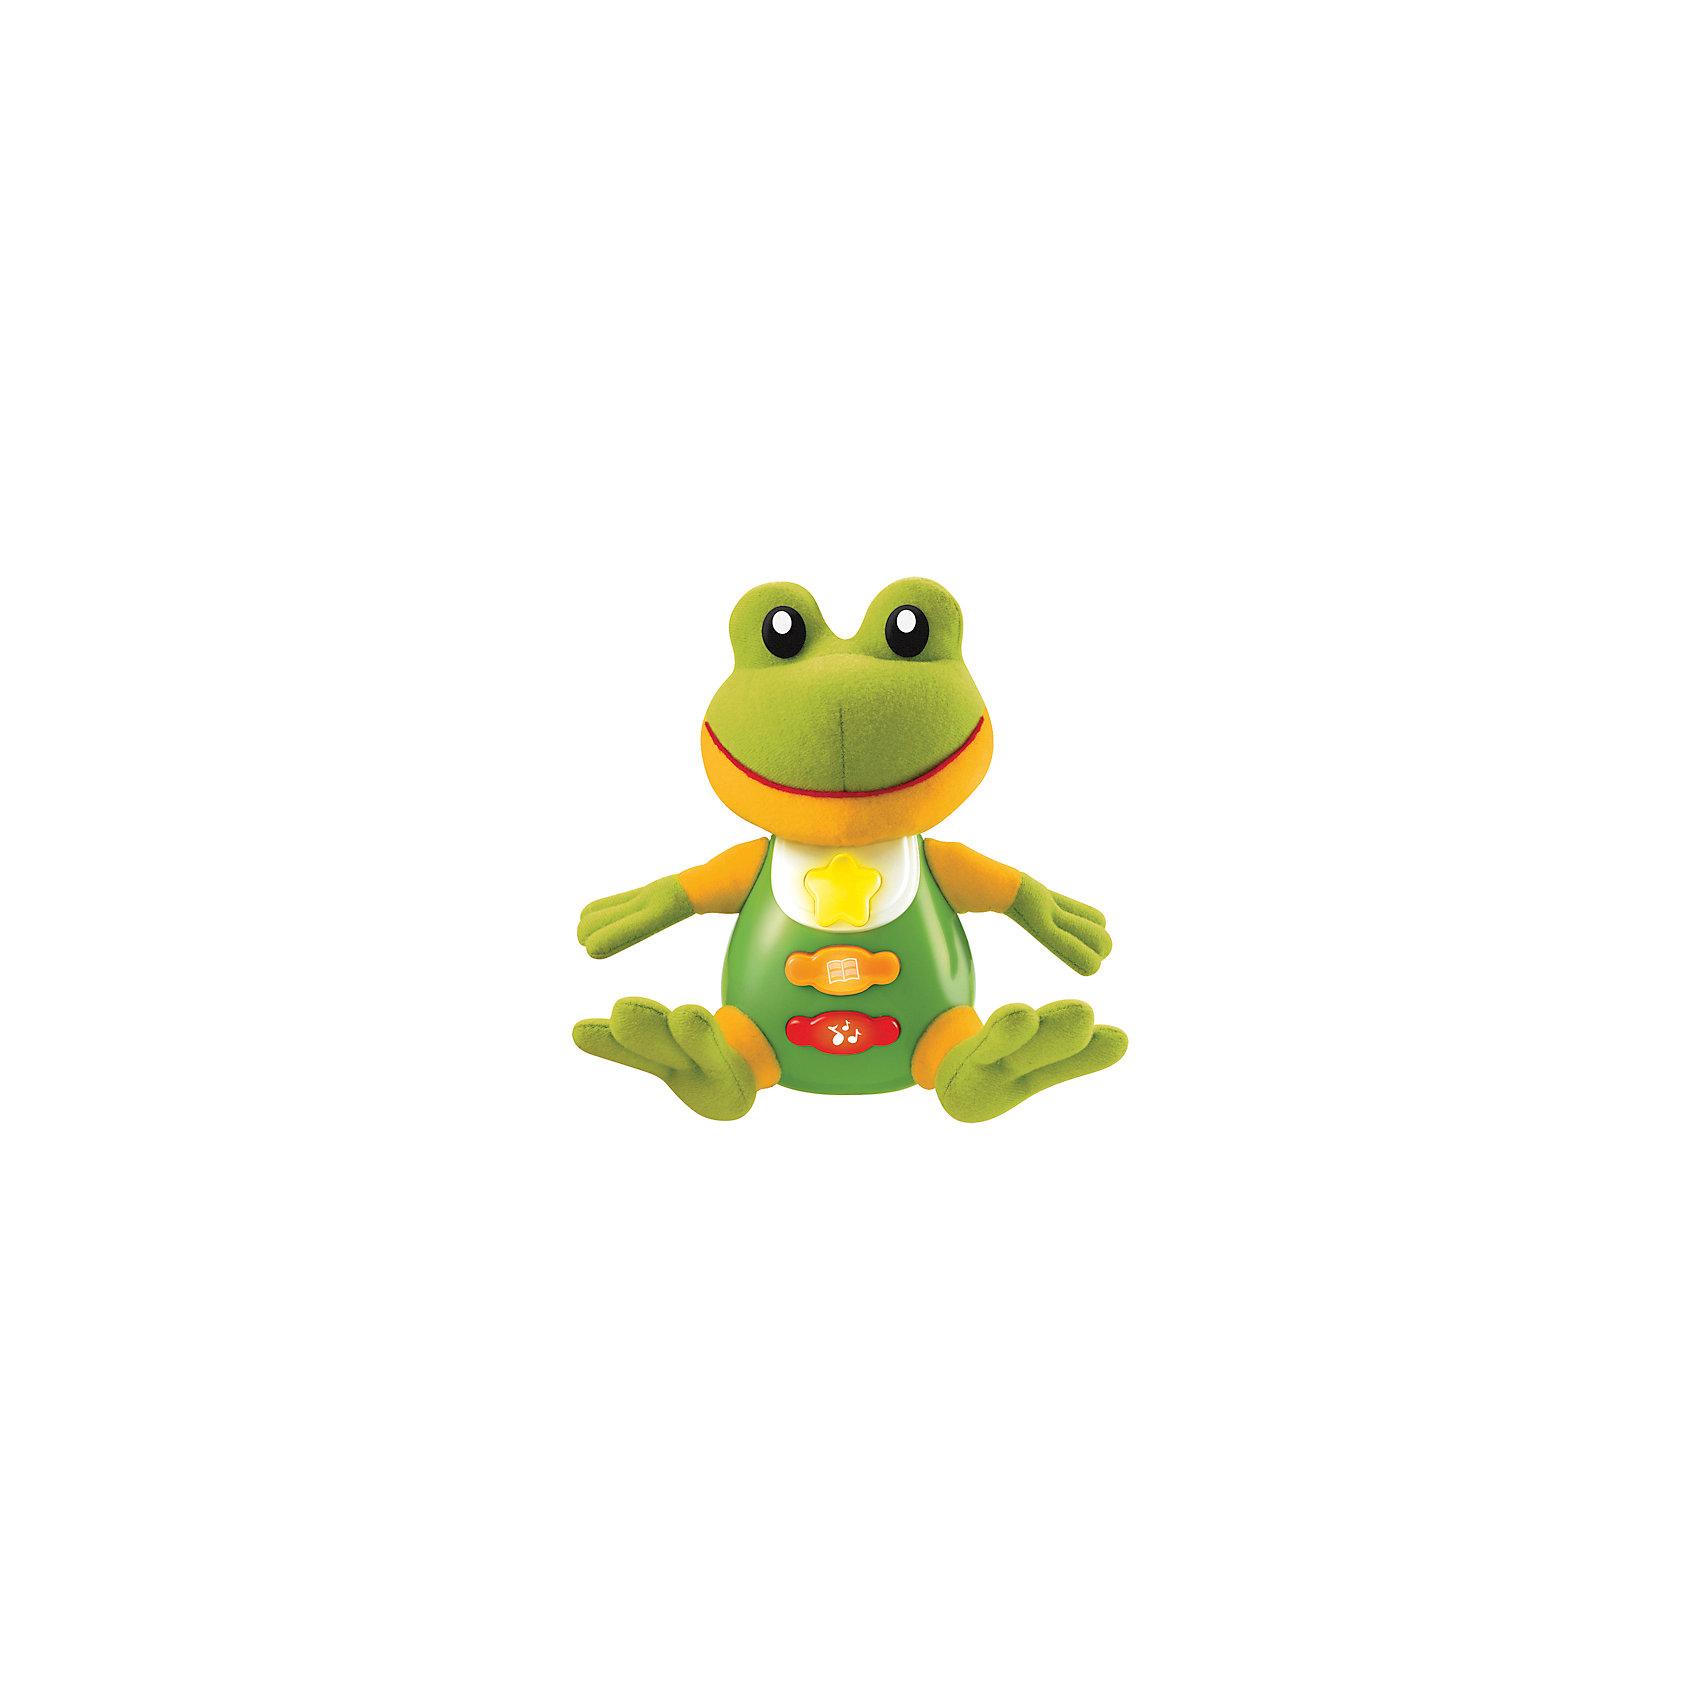 Обучающая игрушка Стихи А.Барто, Лягушка, со светом и звуком, УмкаОбучающая игрушка Стихи А.Барто, со светом и звуком, Умка – это увлекательный, развивающий подарок для Вашего малыша. Обучающий забавный зверек познакомит ребёнка с добрыми детскими стишками и песенкой. На животике расположены три кнопки. При нажатии на одну из них малыш услышит песенку От улыбки. При нажатии на вторую - 6 приятных мелодий. При нажатии на кнопку с книжкой поочередно прозвучат 5 замечательных стихотворений А. Барто из серии Игрушки (Бычок, Зайка, Лошадка, Слон, Мишка). Все стихи и песенки сопровождаются световыми эффектами. Голова и лапки у игрушек мягкие с шуршащими вставками для развития тактильных ощущений. Туловище изготовлено из высококачественной пластмассы. Игрушка отлично способствует развитию памяти, логики, визуального и слухового восприятия, моторики.  Дополнительная информация:  - Игрушка работает от 2 батареек типа АА (входят в комплект) - Размер медвежонка: 16 х 18 х 8 см. - Размер упаковки: 20 х 21,5 х 11 см. Обучающую игрушку Стихи А.Барто, со светом и звуком, Умка можно купить в нашем интернет-магазине.<br><br>Ширина мм: 120<br>Глубина мм: 220<br>Высота мм: 210<br>Вес г: 470<br>Возраст от месяцев: 6<br>Возраст до месяцев: 60<br>Пол: Унисекс<br>Возраст: Детский<br>SKU: 4838278